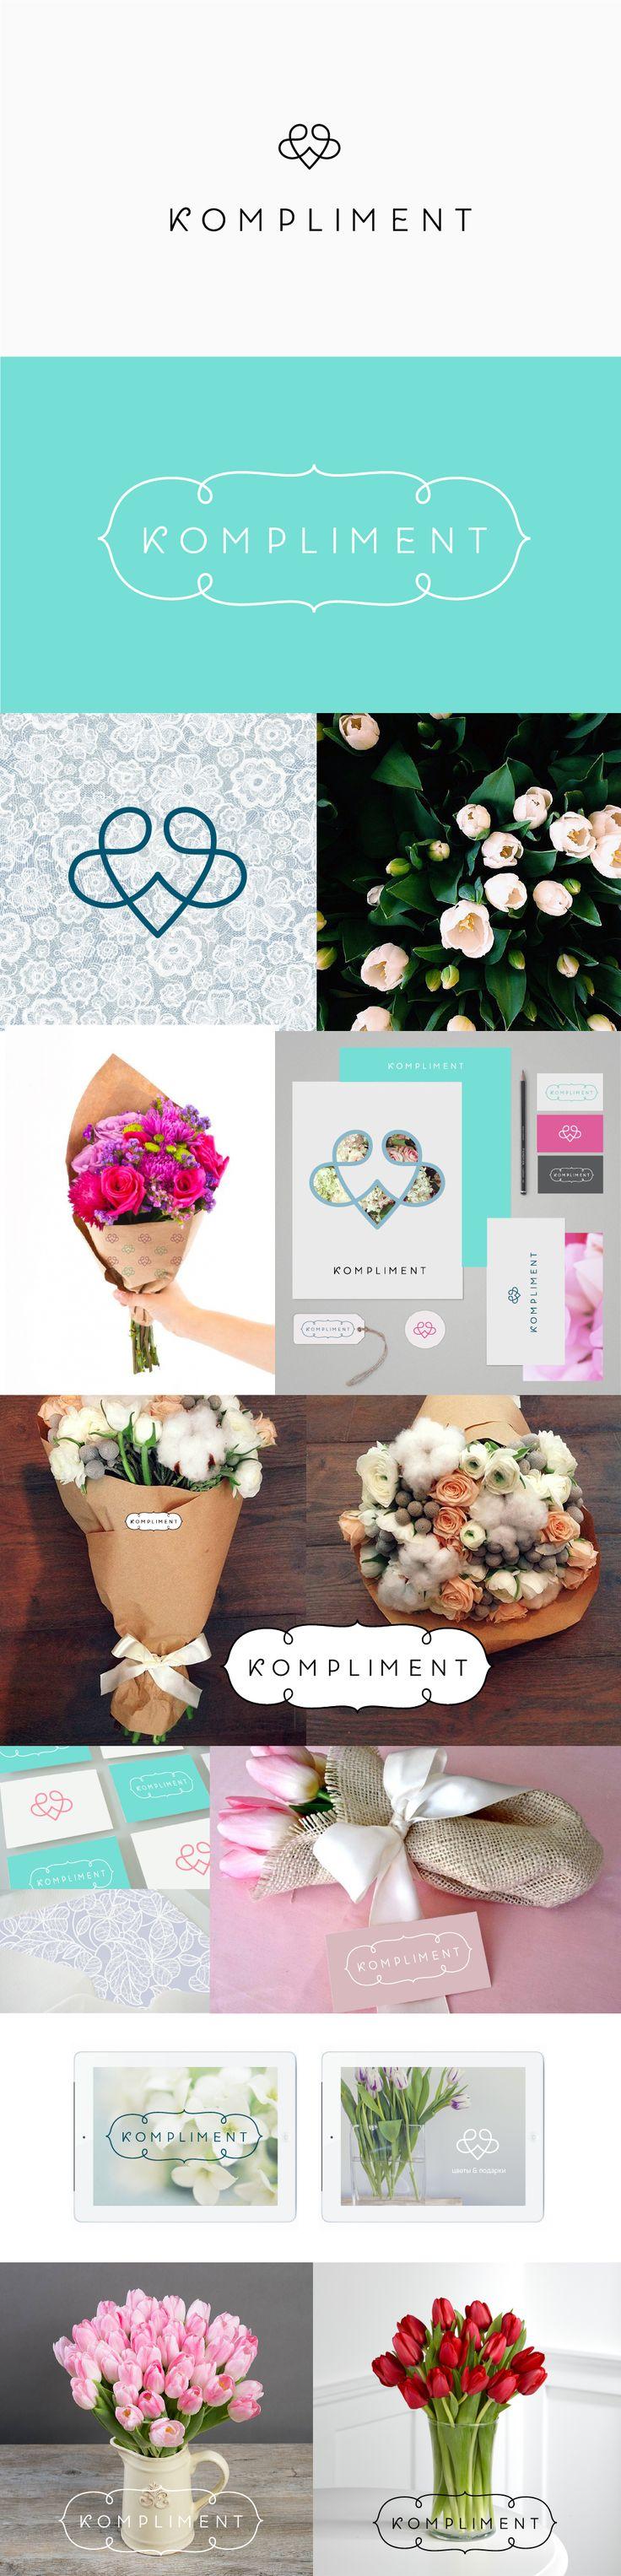 Concept of identity for flower shop #logo #brand #identity #branding #flower…